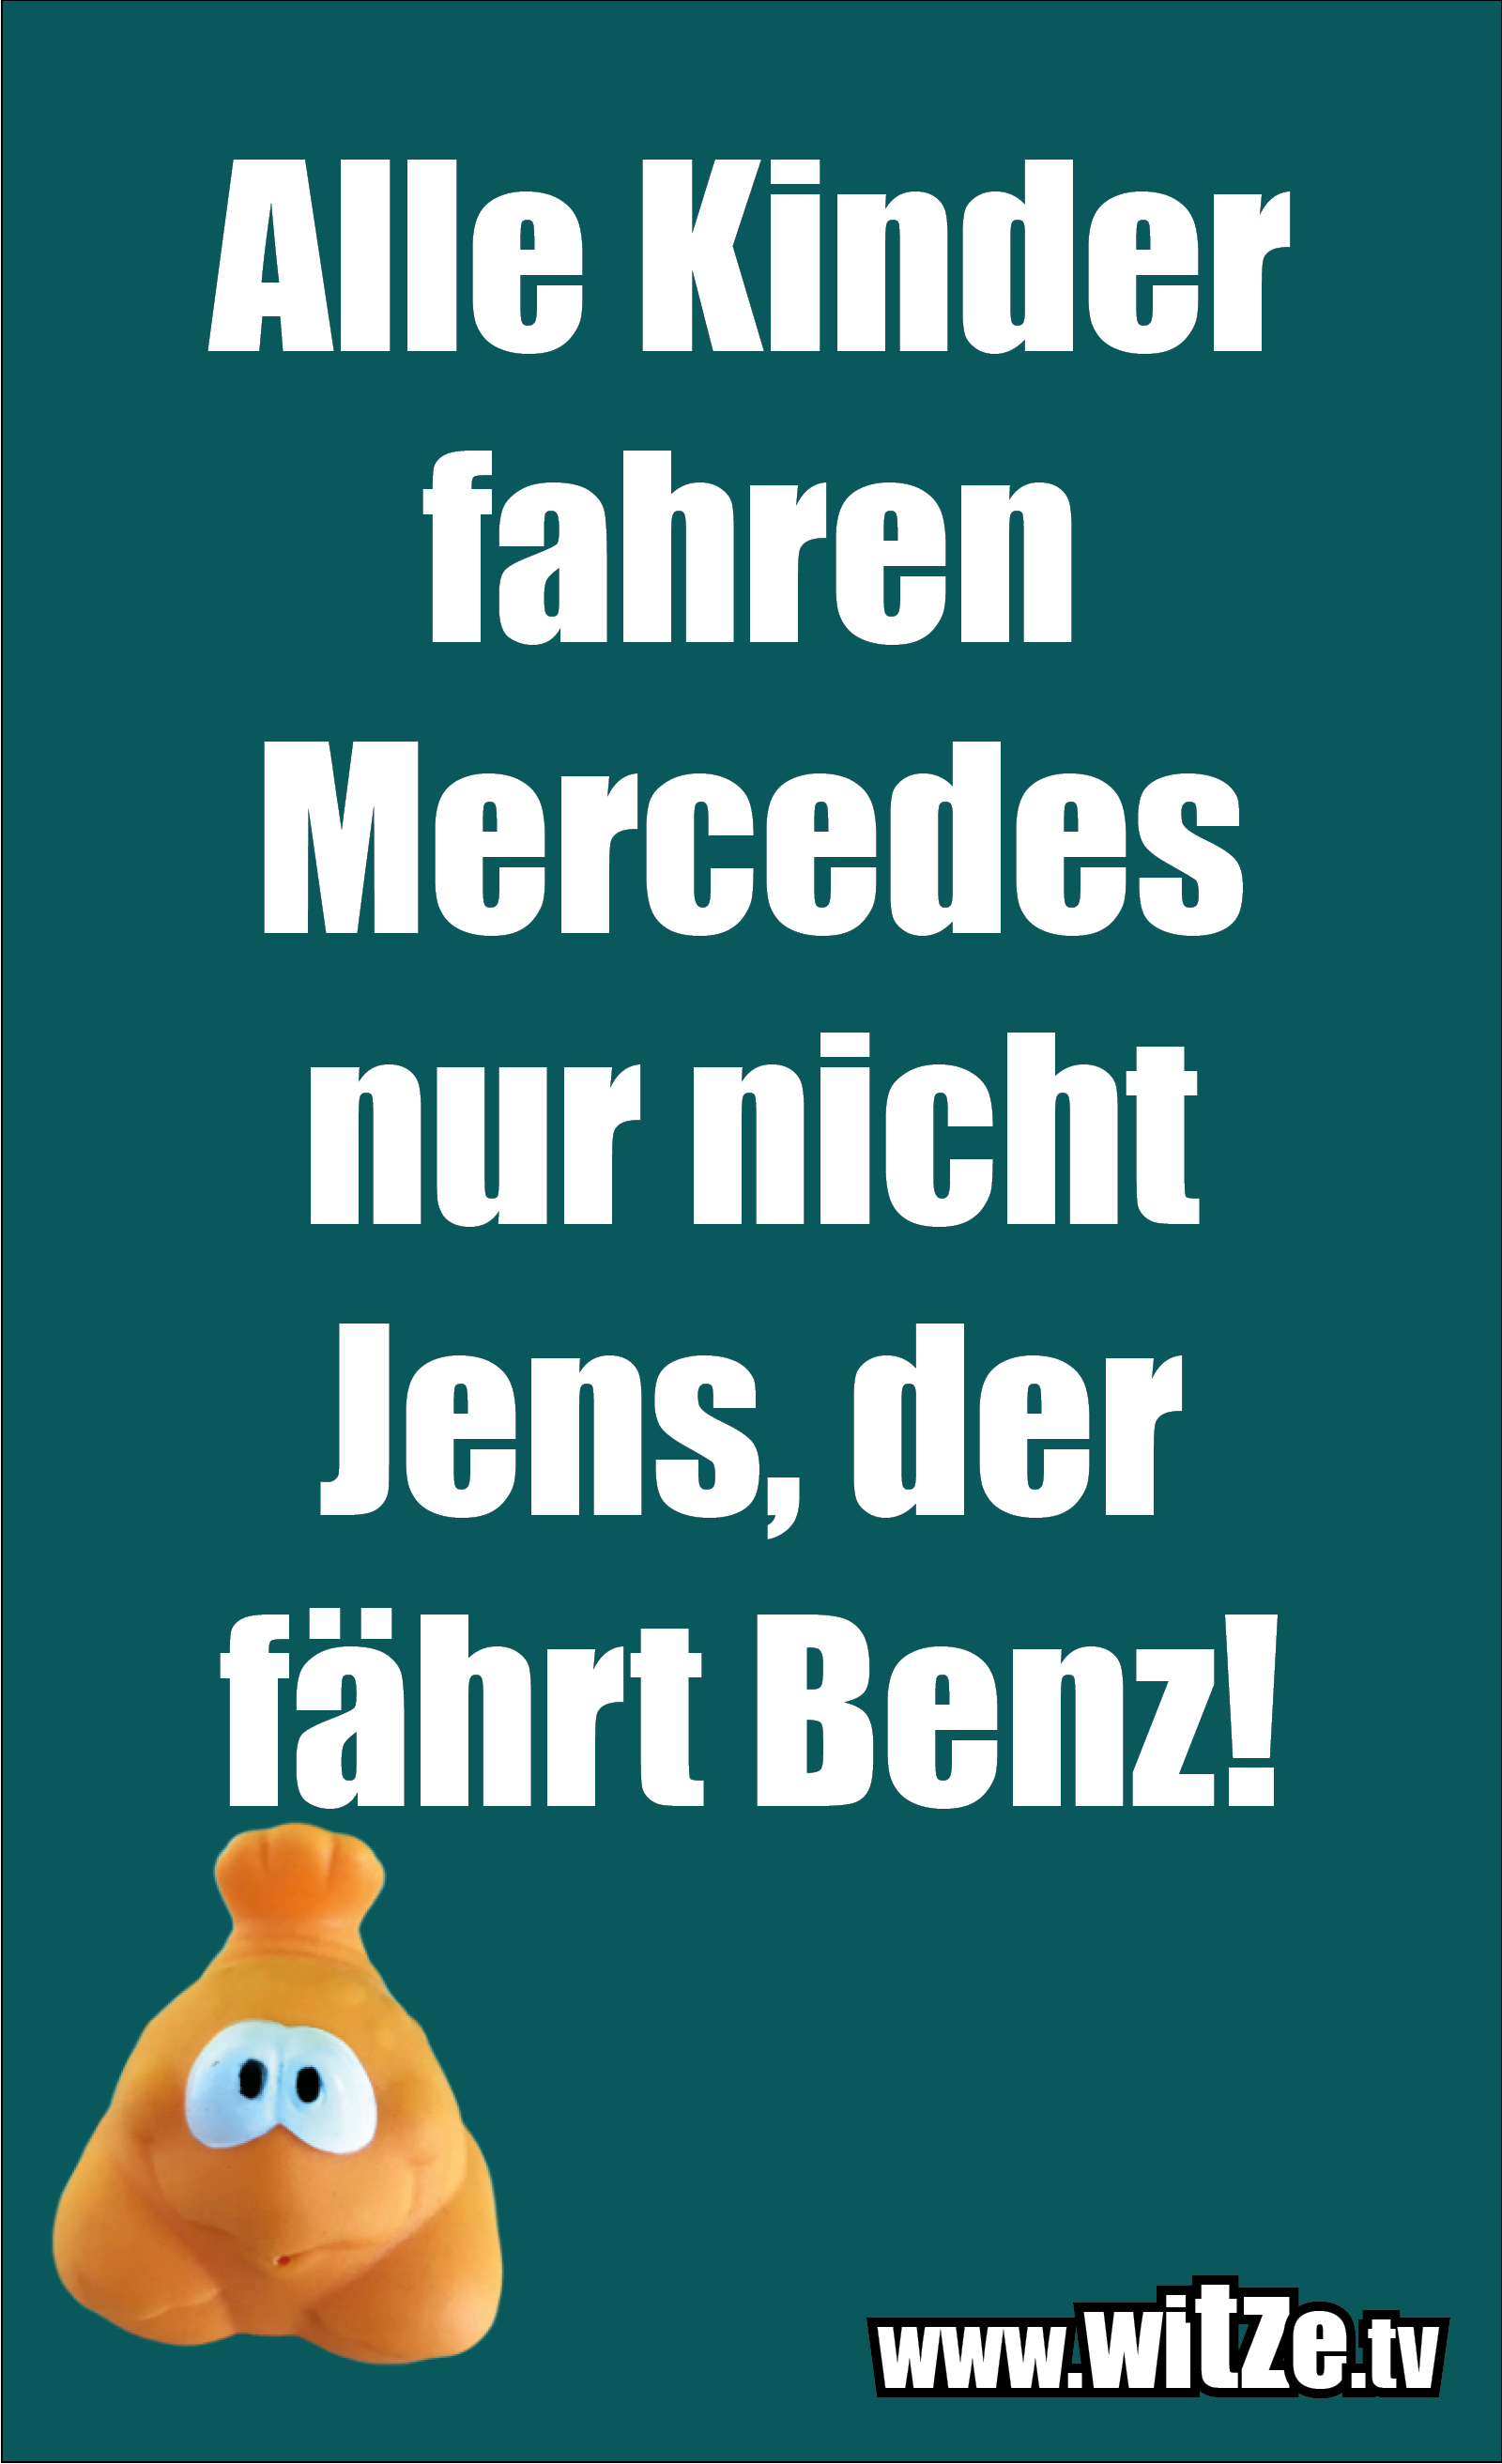 Clown zum Frühstück gegessen... Alle Kinder fahren Mercedes...